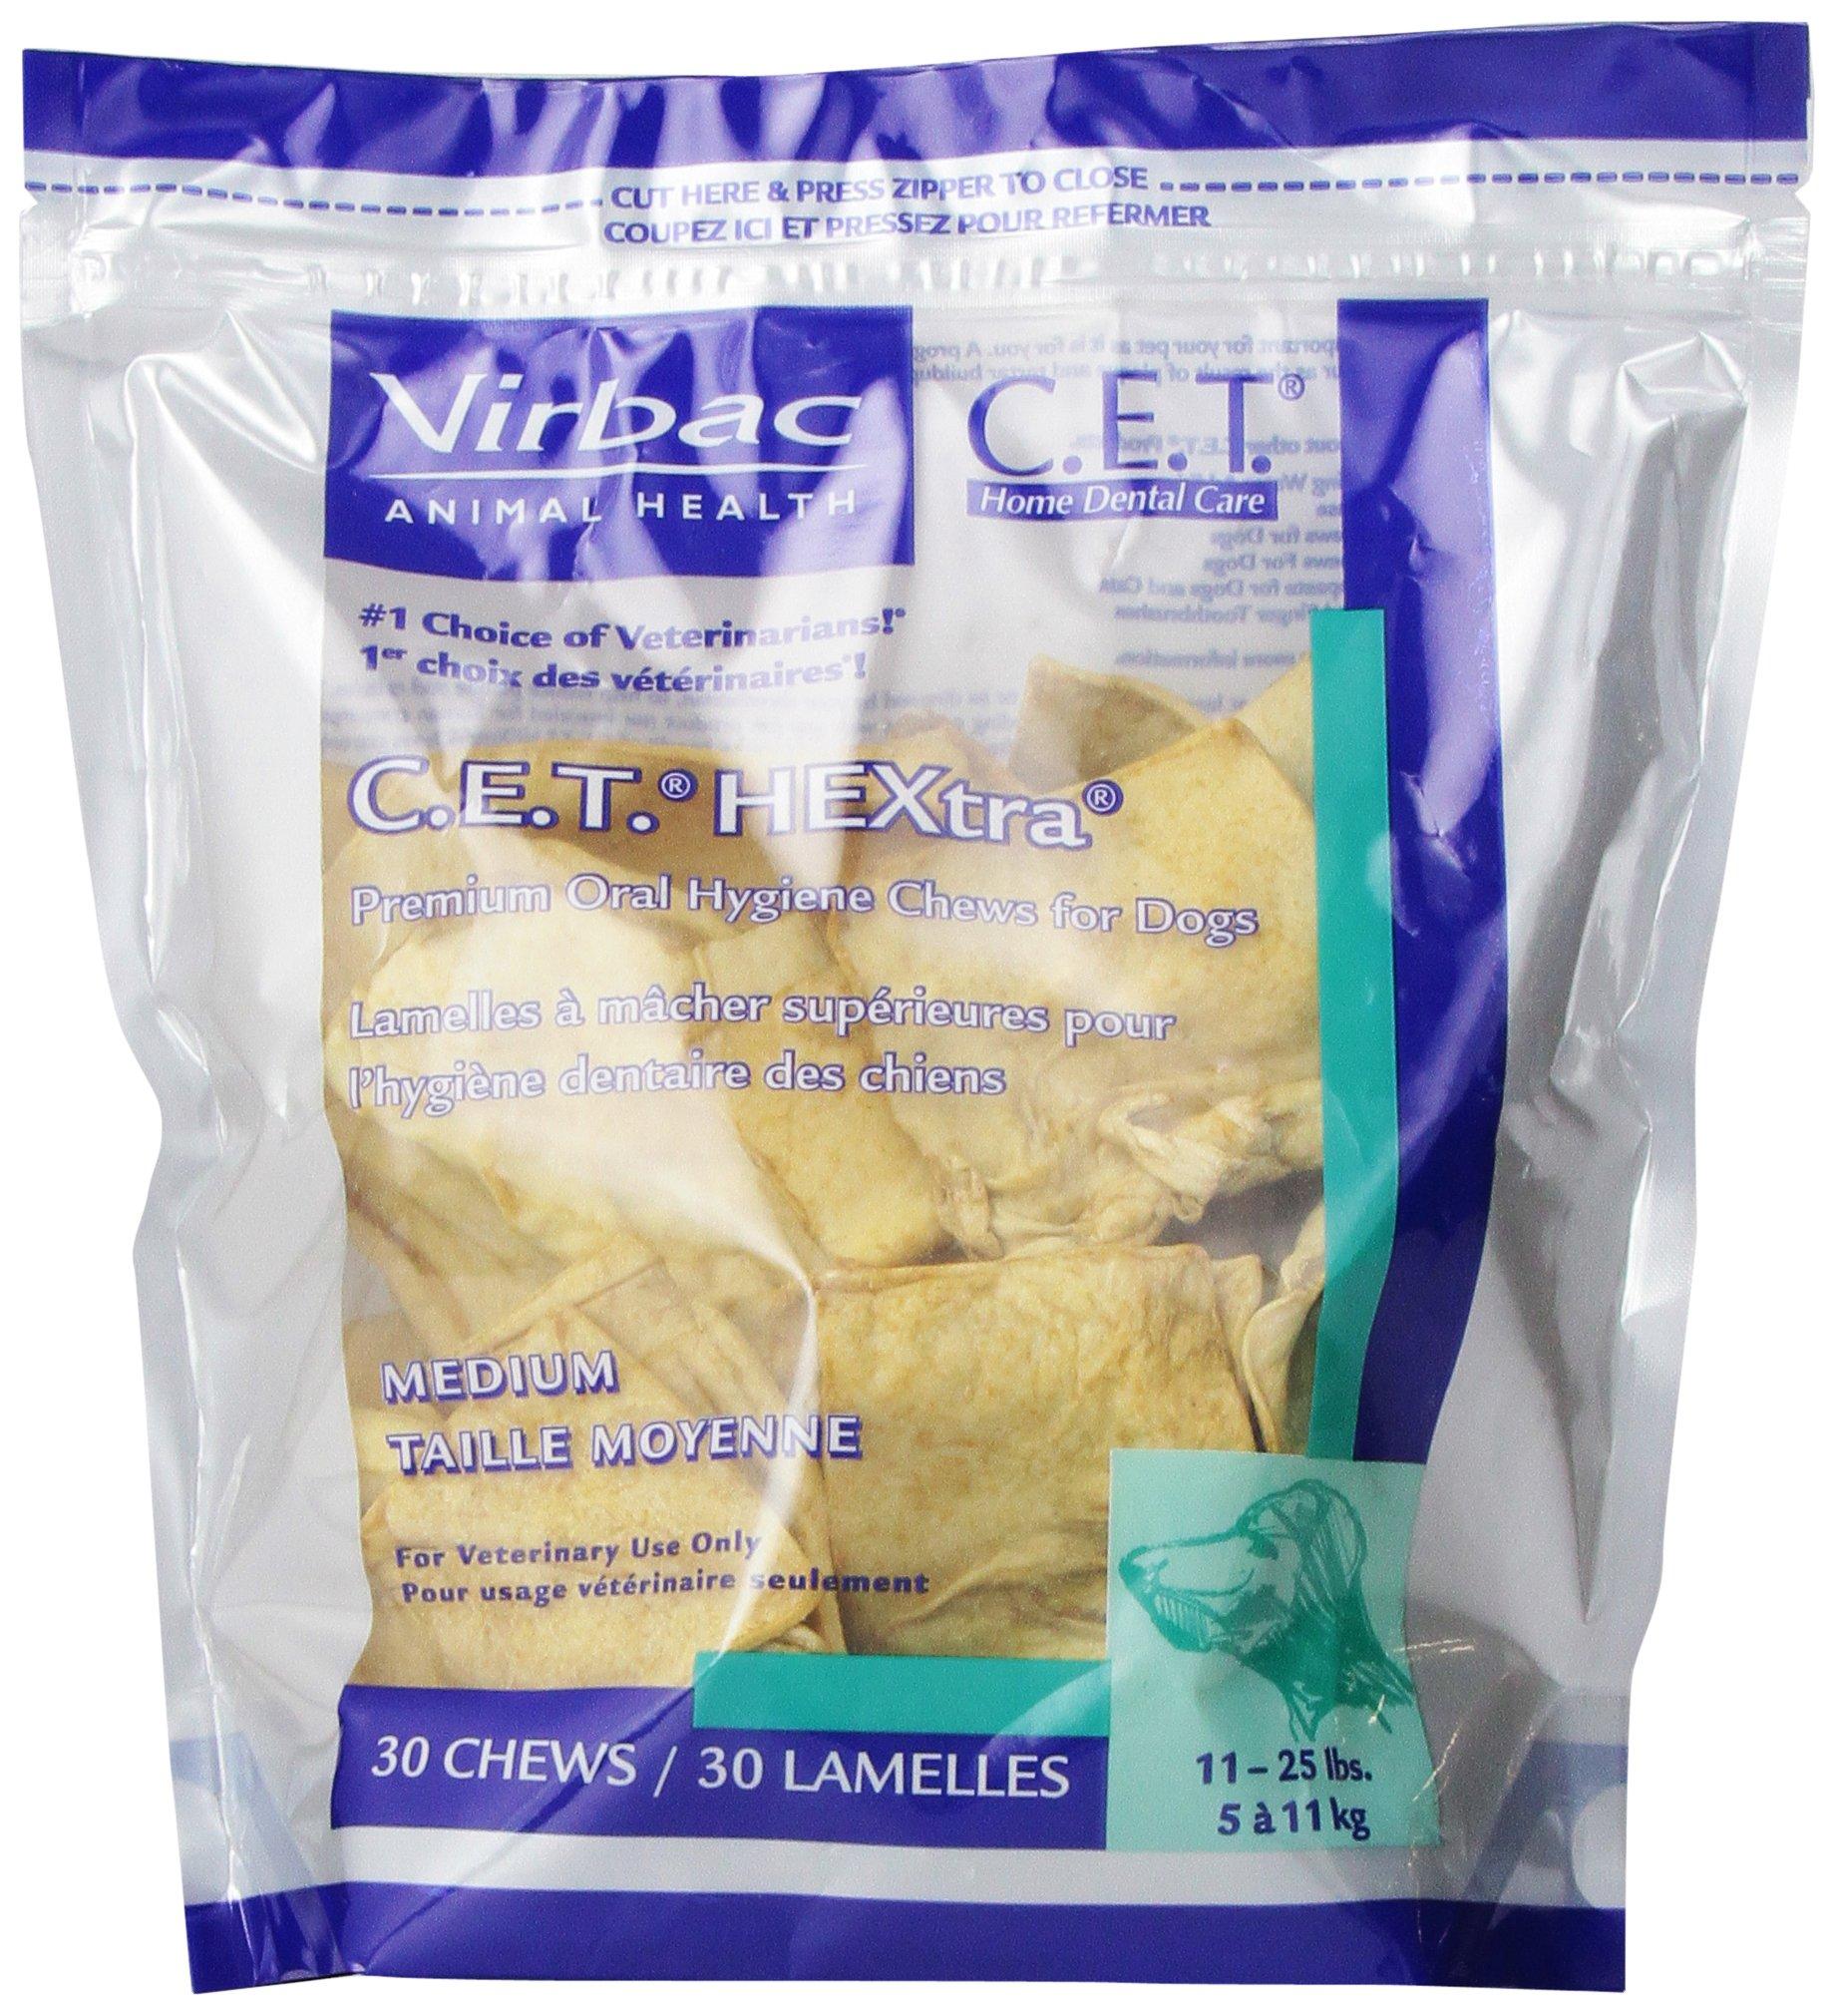 Virbac C.E.T. HEXtra Premium Oral Hygiene Chews, Medium Dog, 30 Count